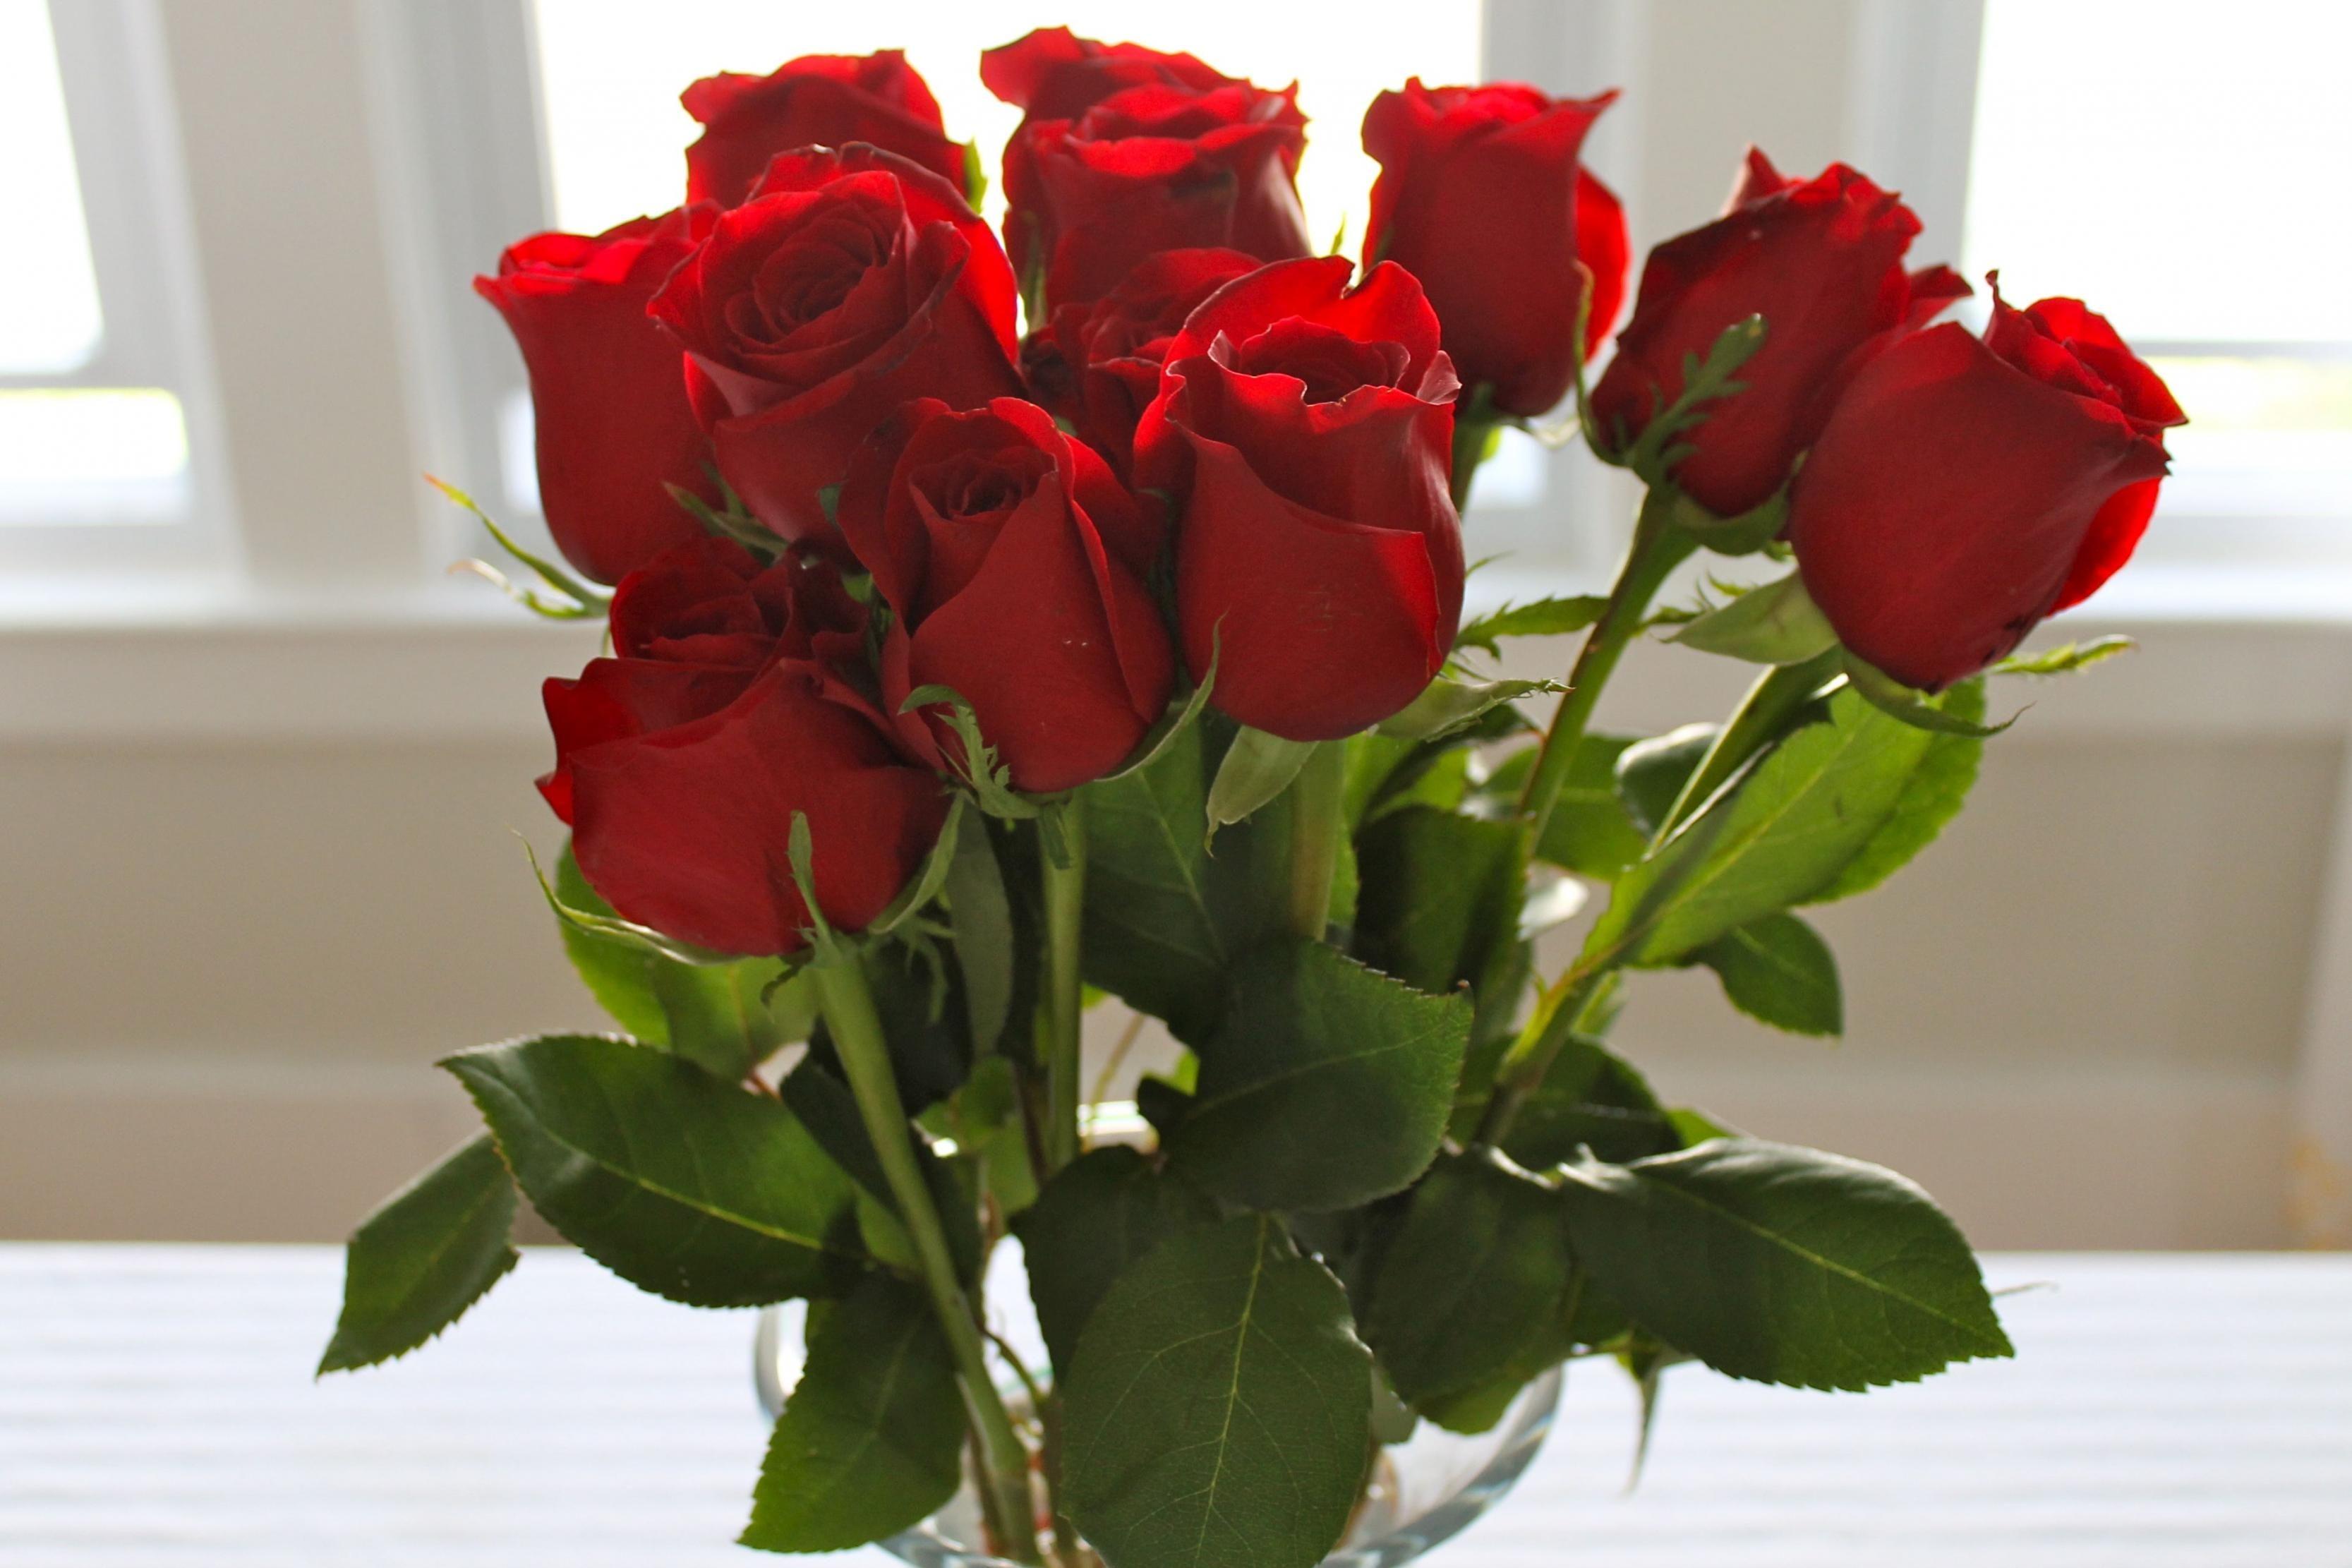 اجمل صورة وردة ورود حمراء جميلة روعه Red Rose Pictures Rose Rose Color Meanings